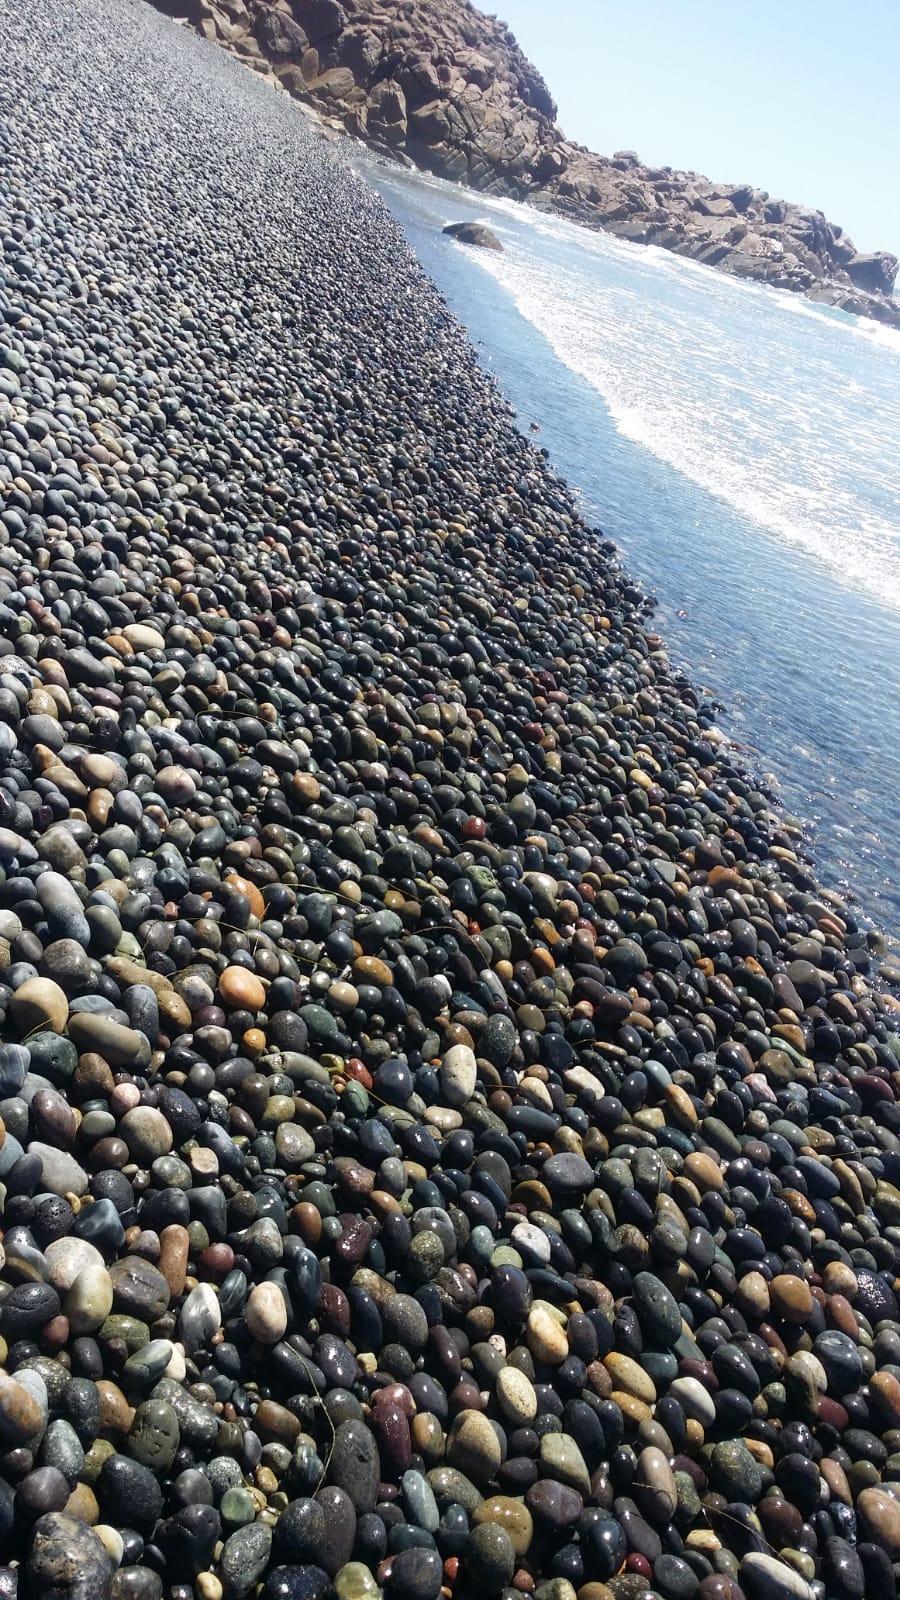 New Pebble Beaches In Mexico Plenty Of